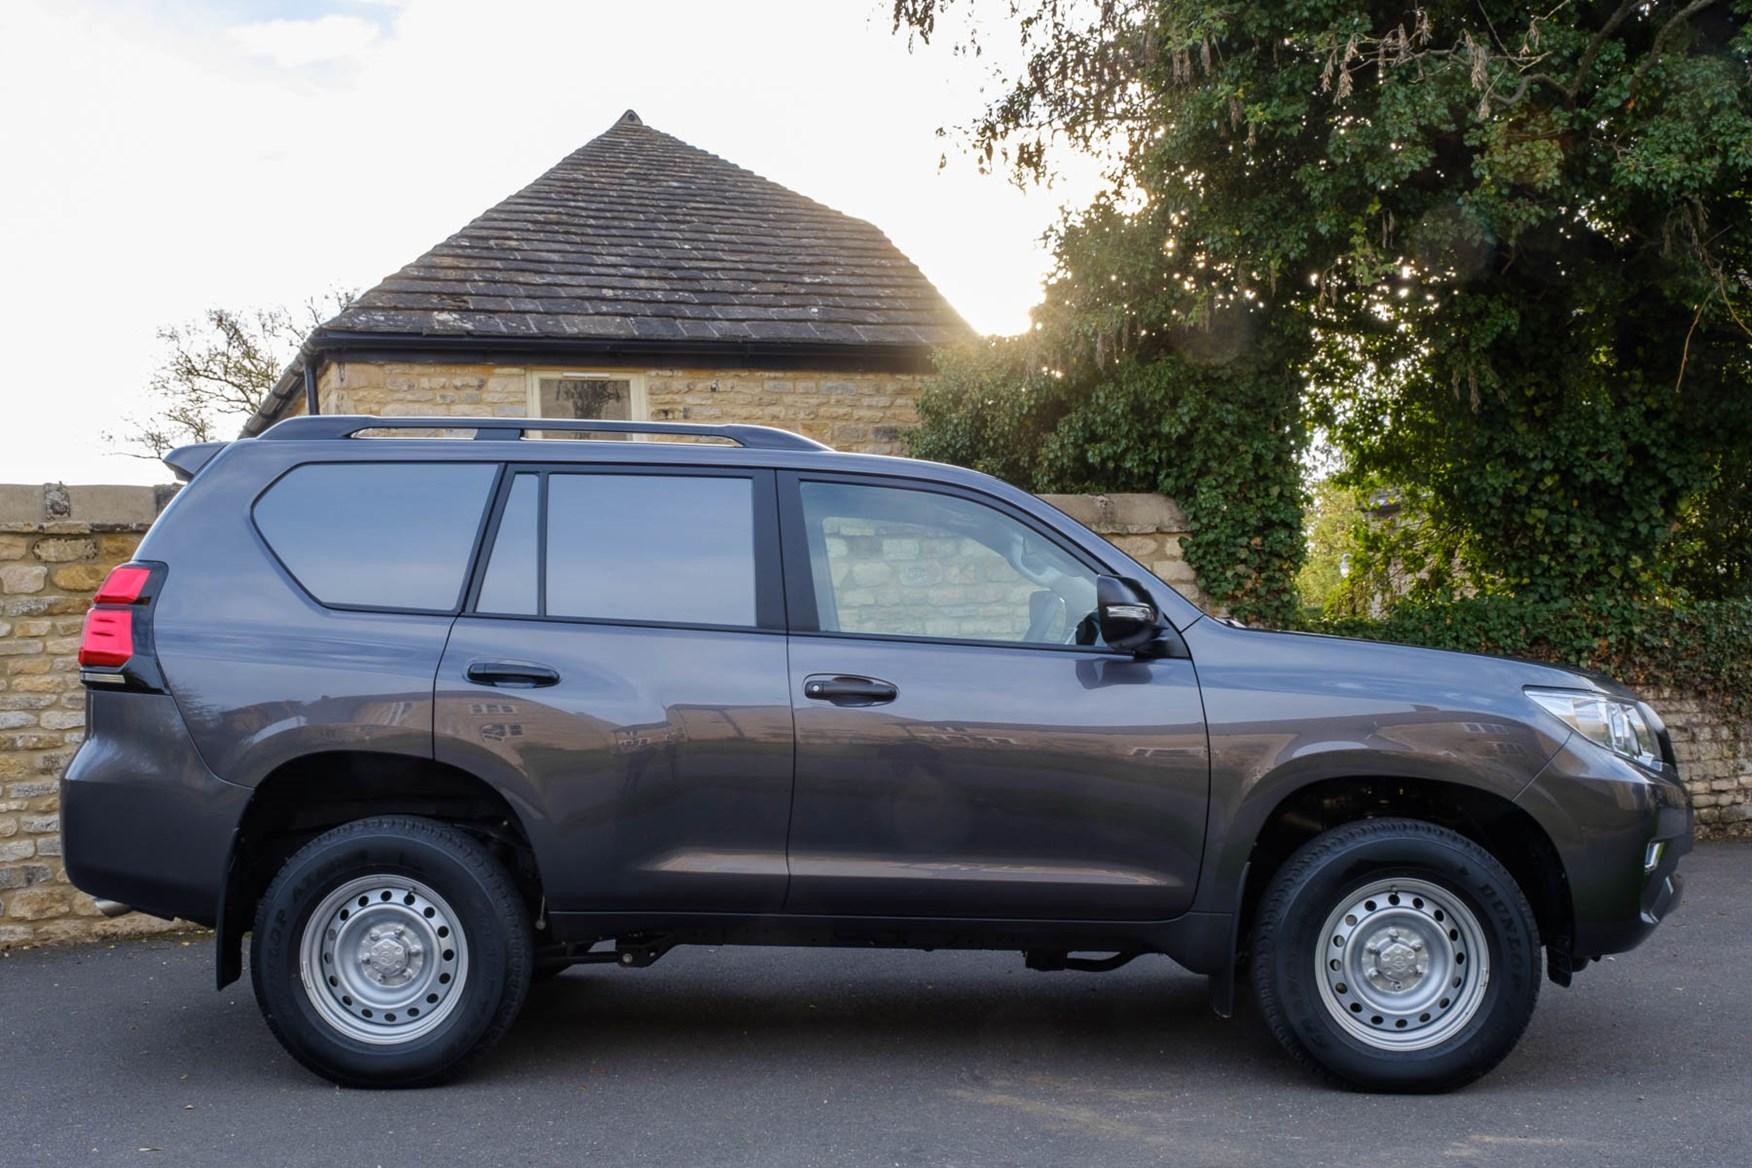 Toyota Land Cruiser Utility - LWB - side